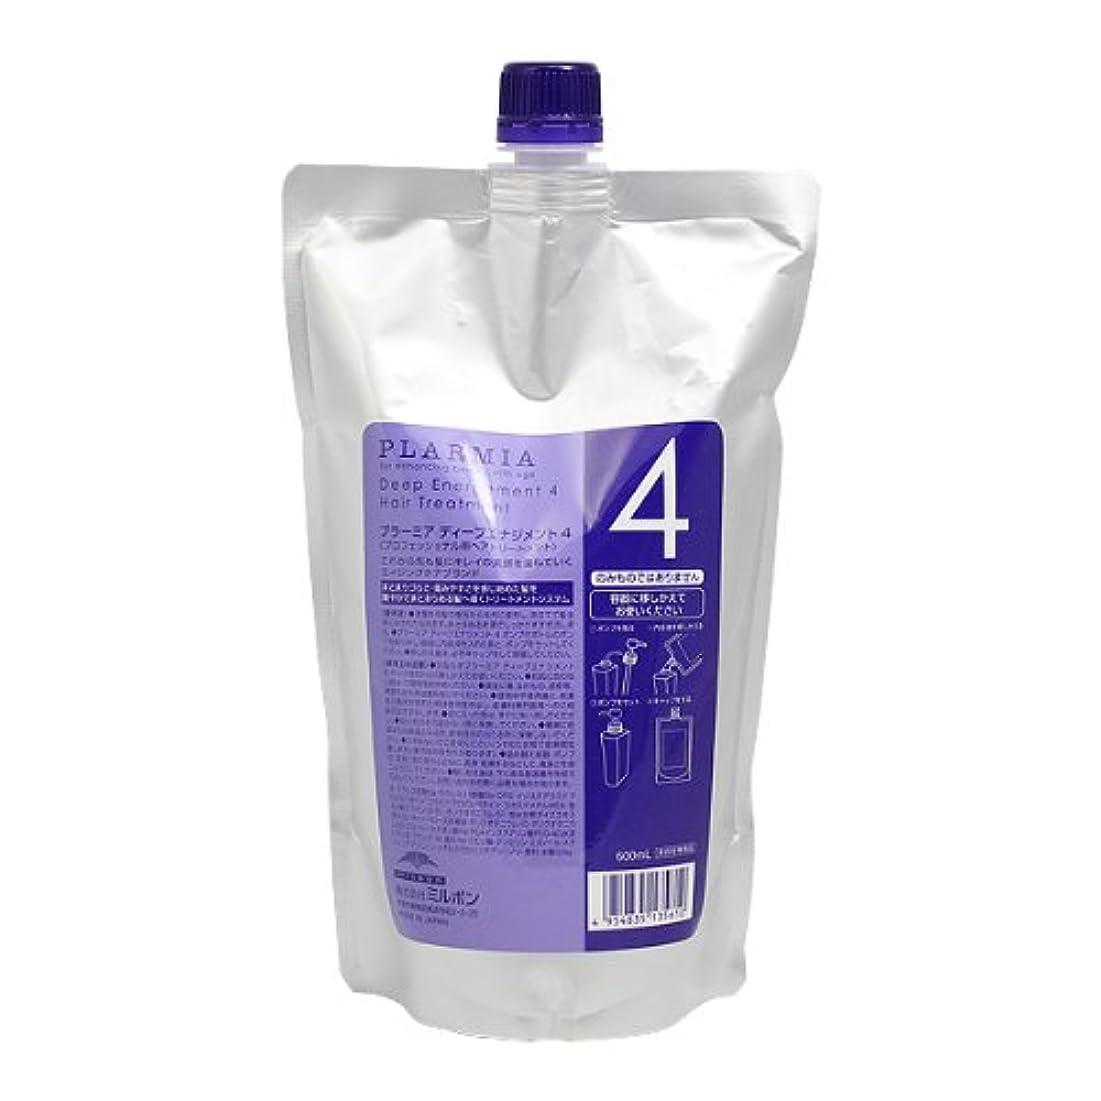 抑制するアレキサンダーグラハムベル嬉しいですミルボン プラーミア ディープエナジメント4 詰替用 600ml 詰替え用(レフィル)